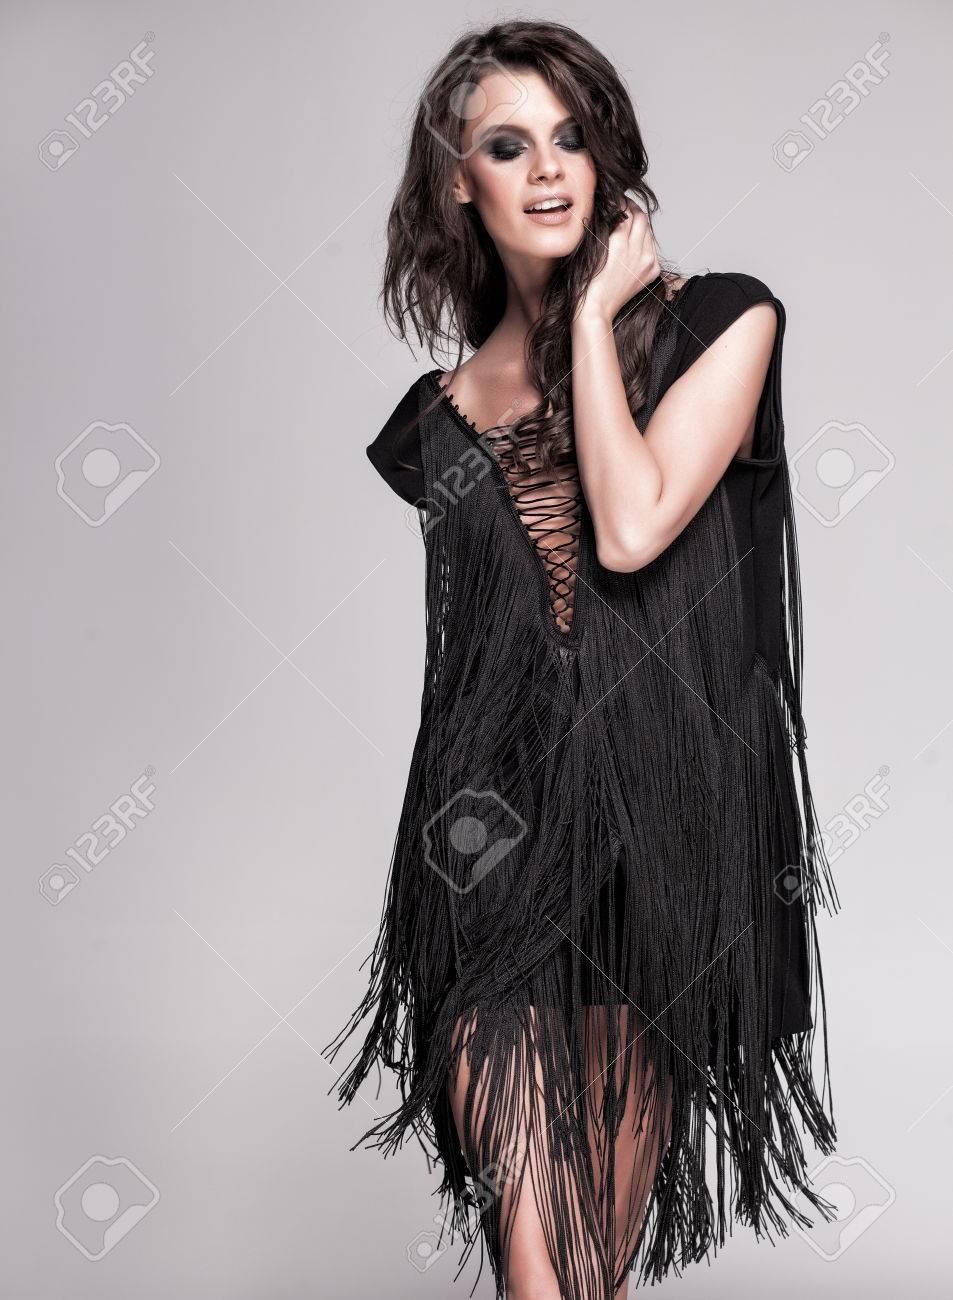 Robe Modèle Jambes Sexy Noire Et Avec En Posant Mince Femme Longues Hauts Talons De 0X8nOwPk